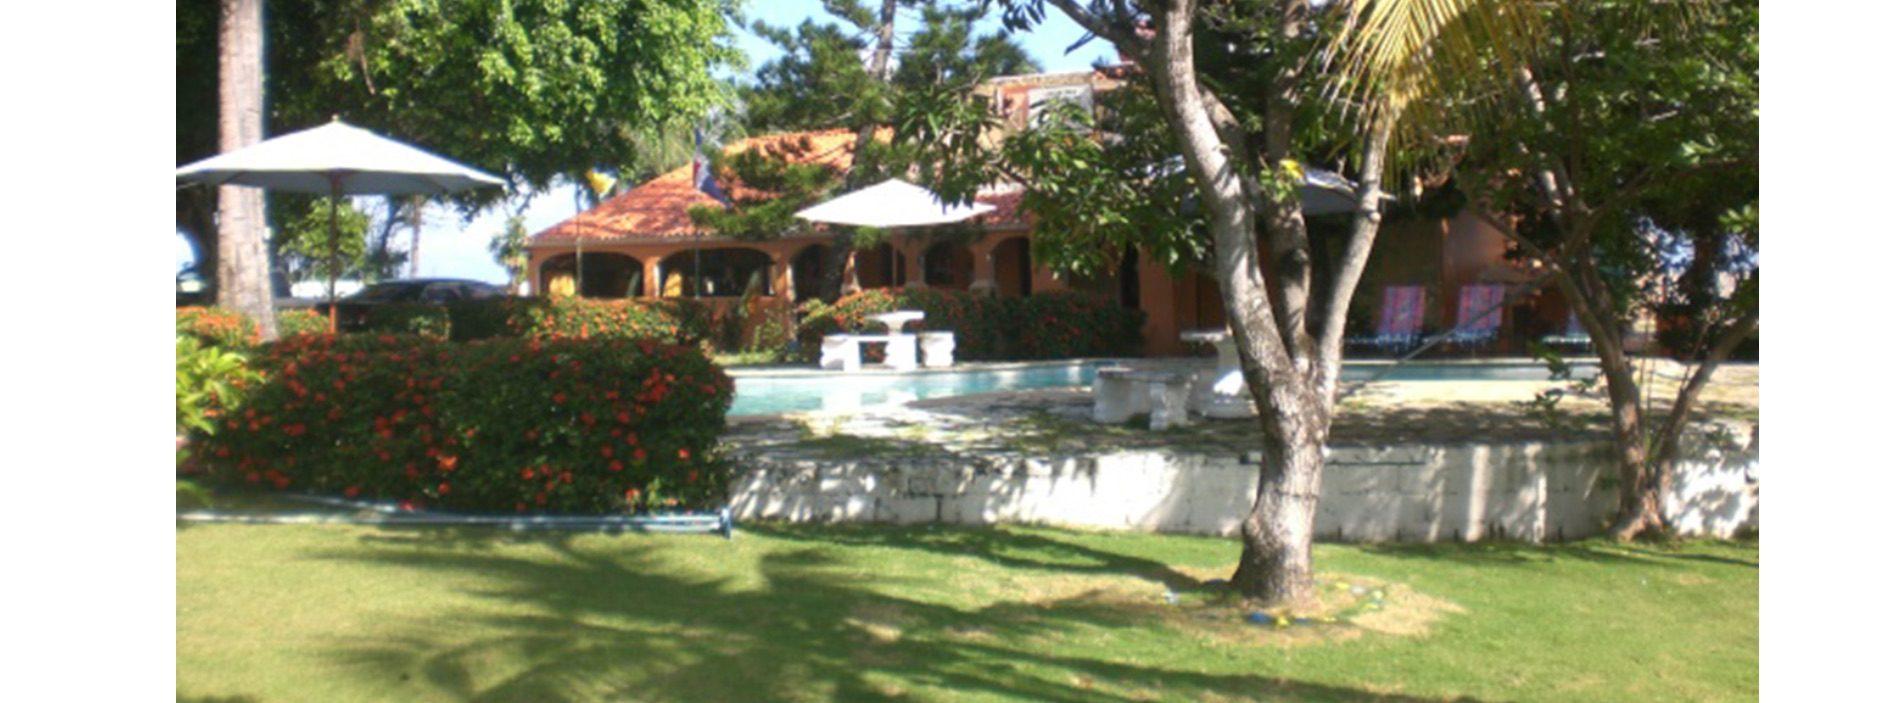 Hogar Crea, Inc. (Dominicano)